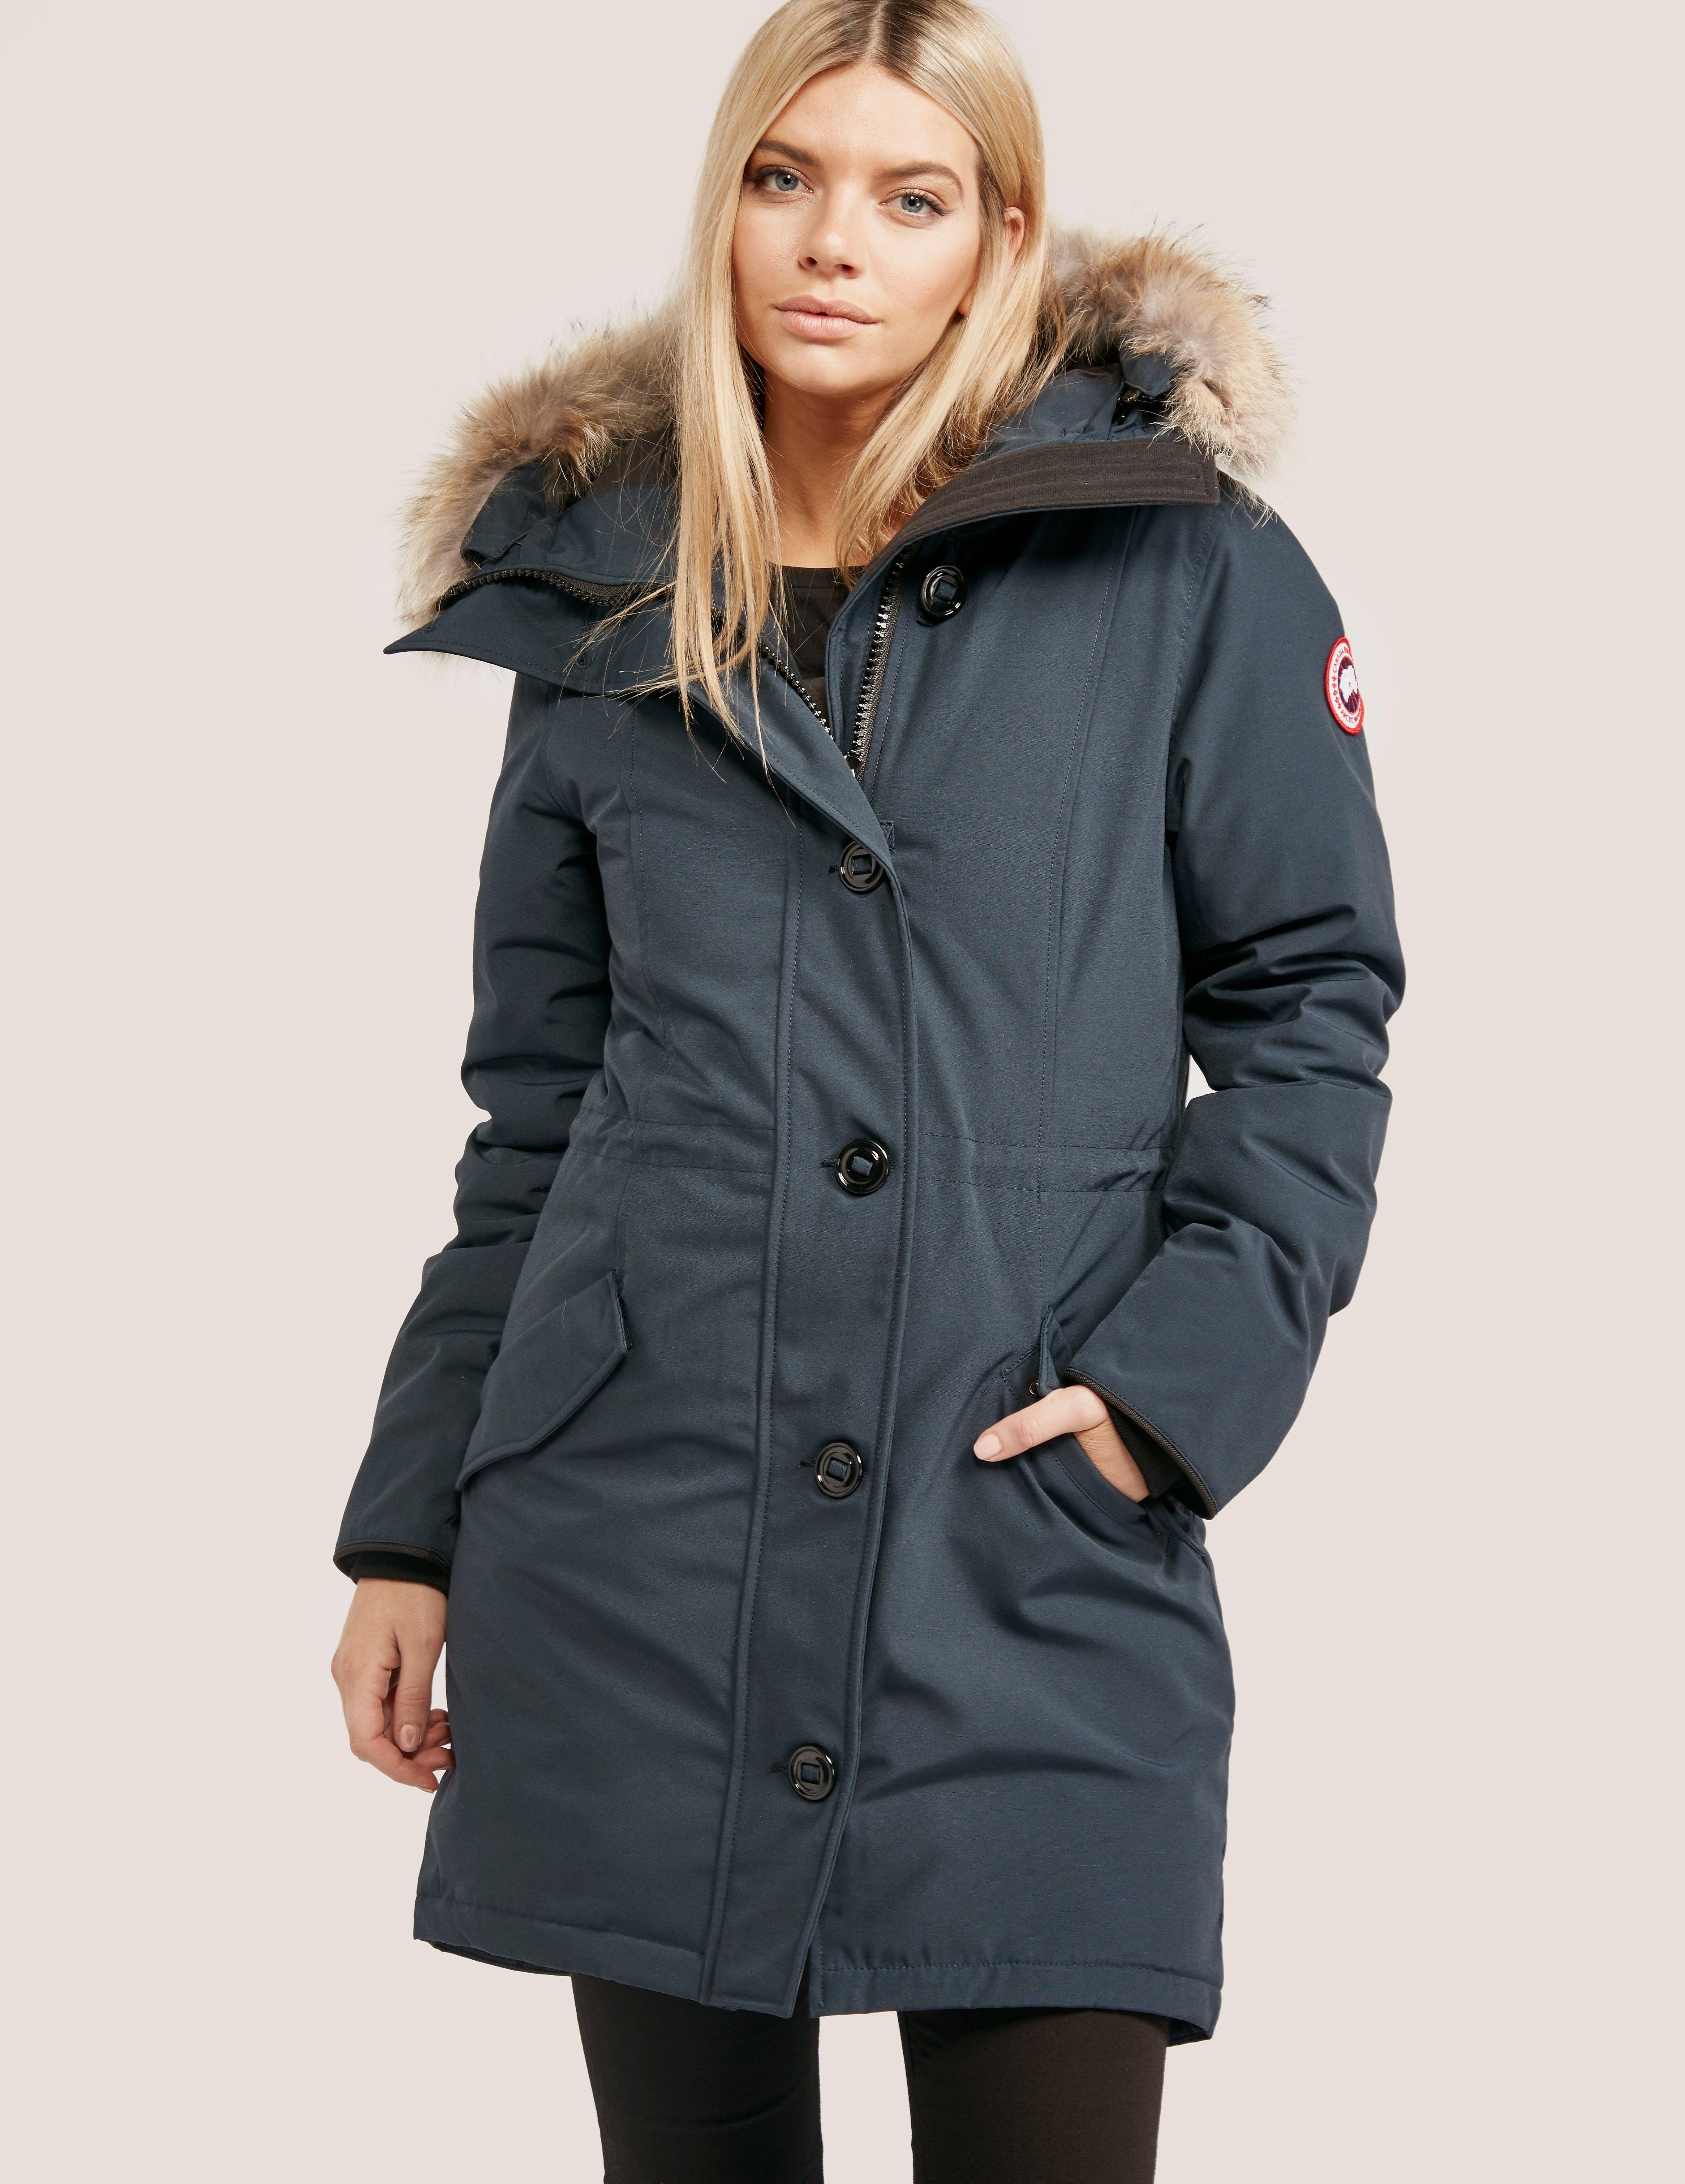 canada goose jackets ladies